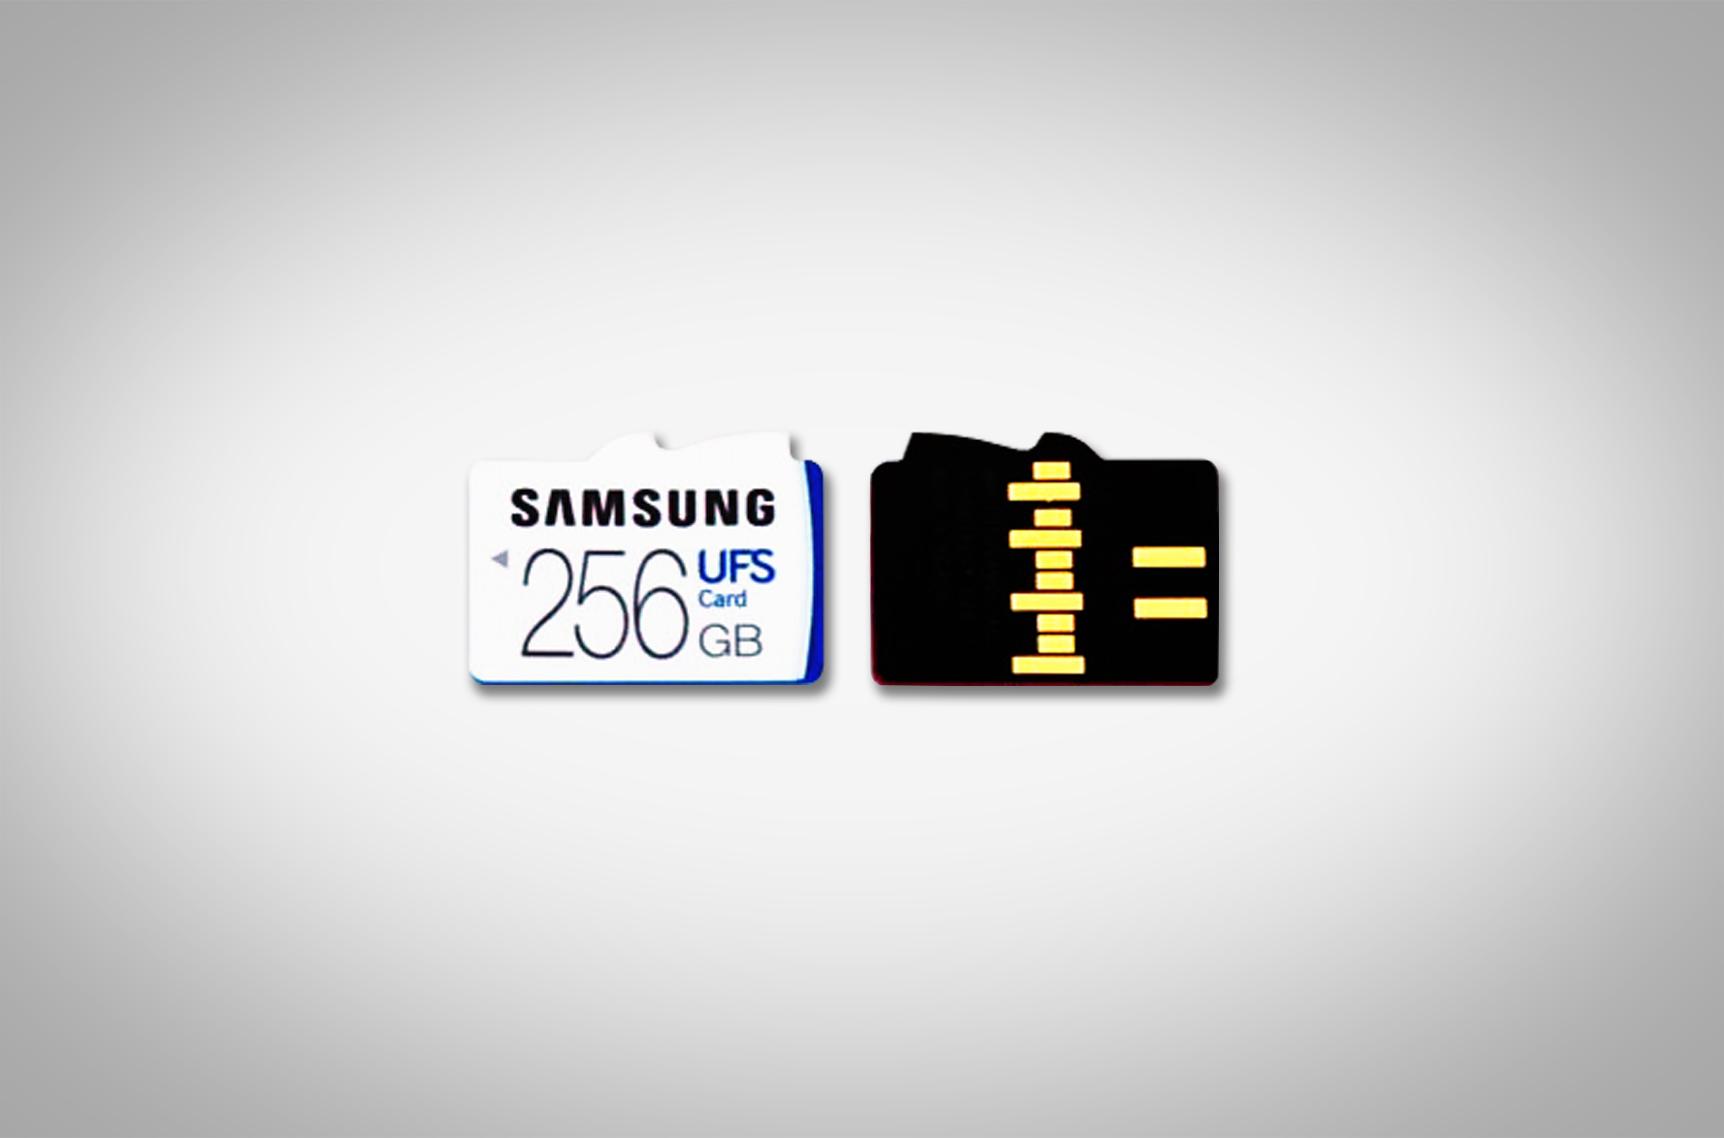 Samsung UFS, następca karty micro SD